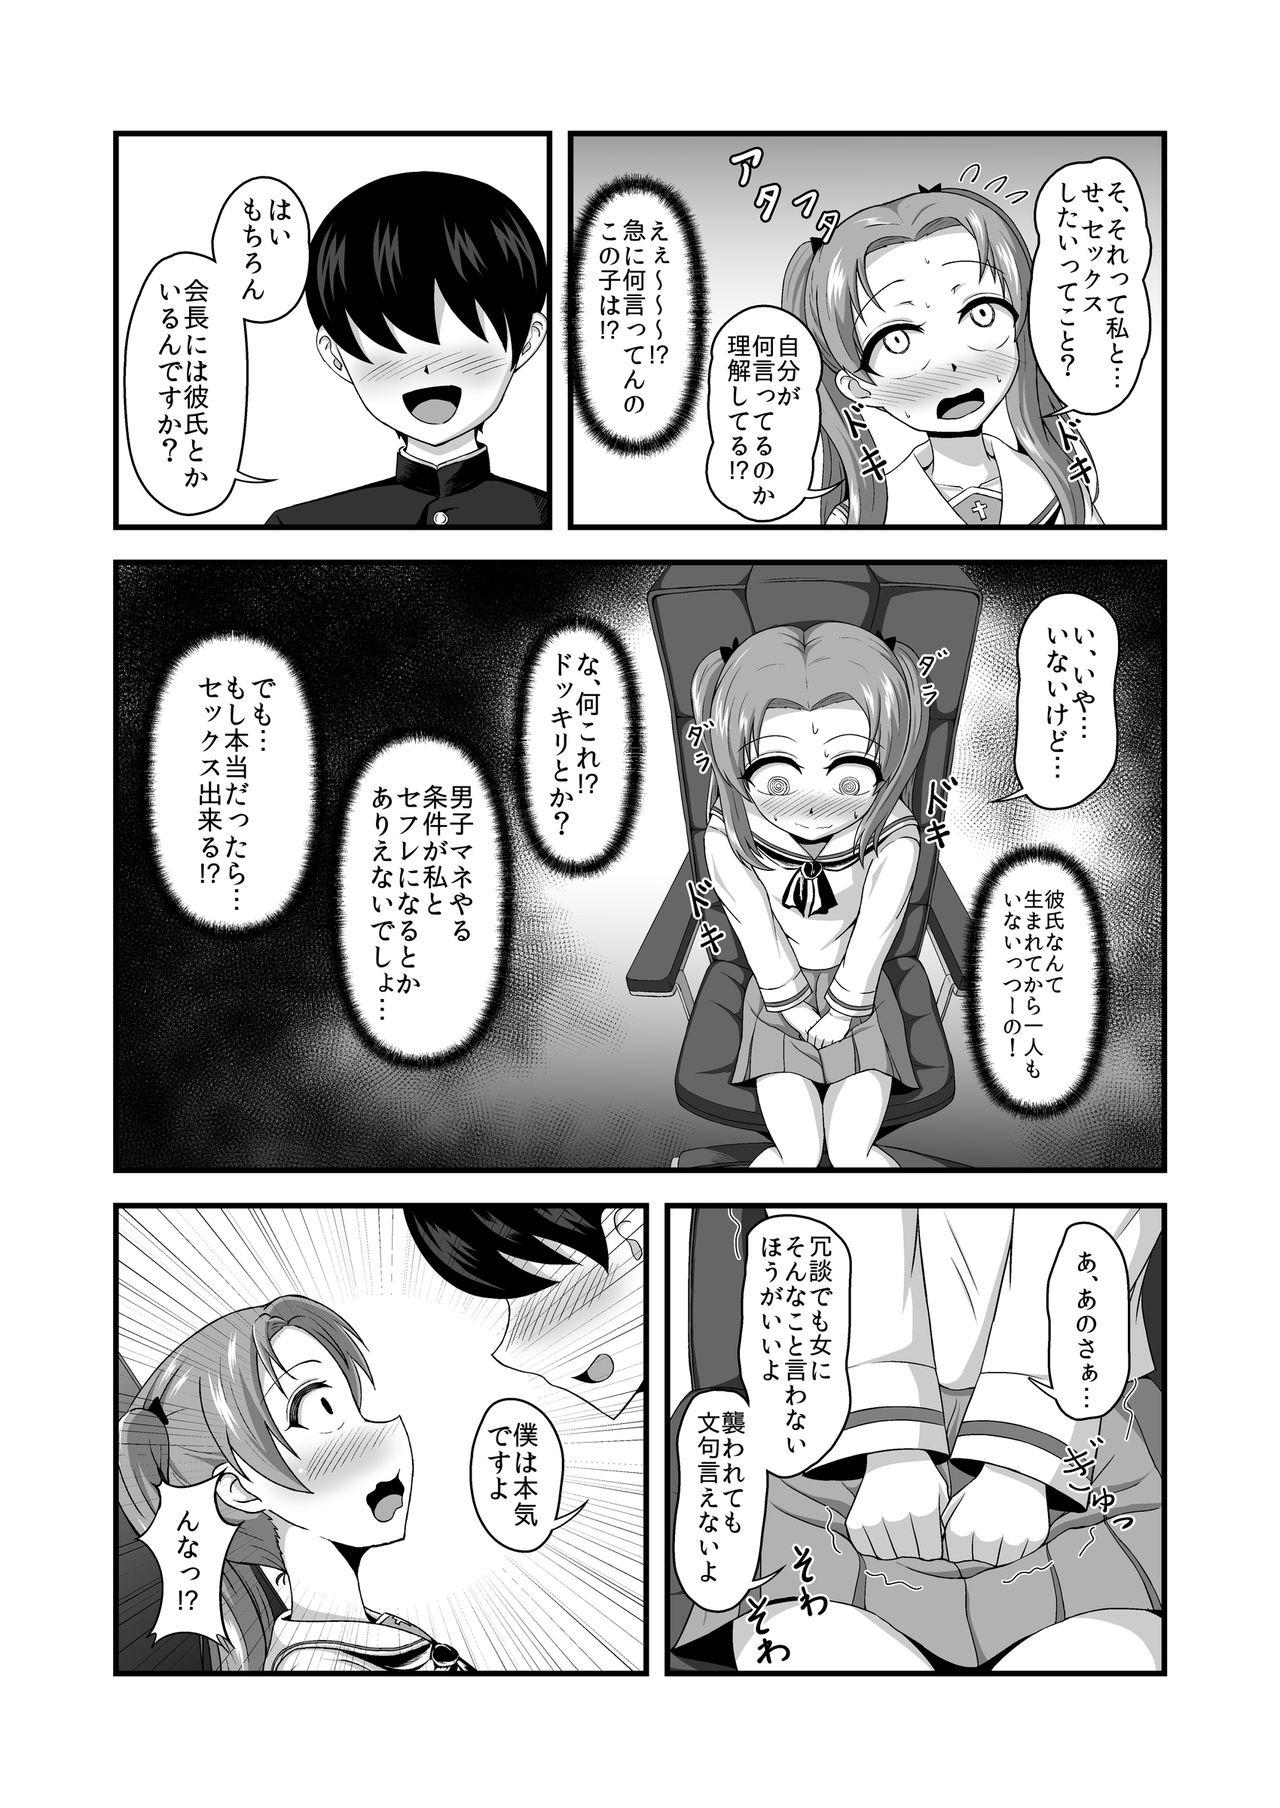 Teisou Gyakuten Abekobe Banashi 2 13